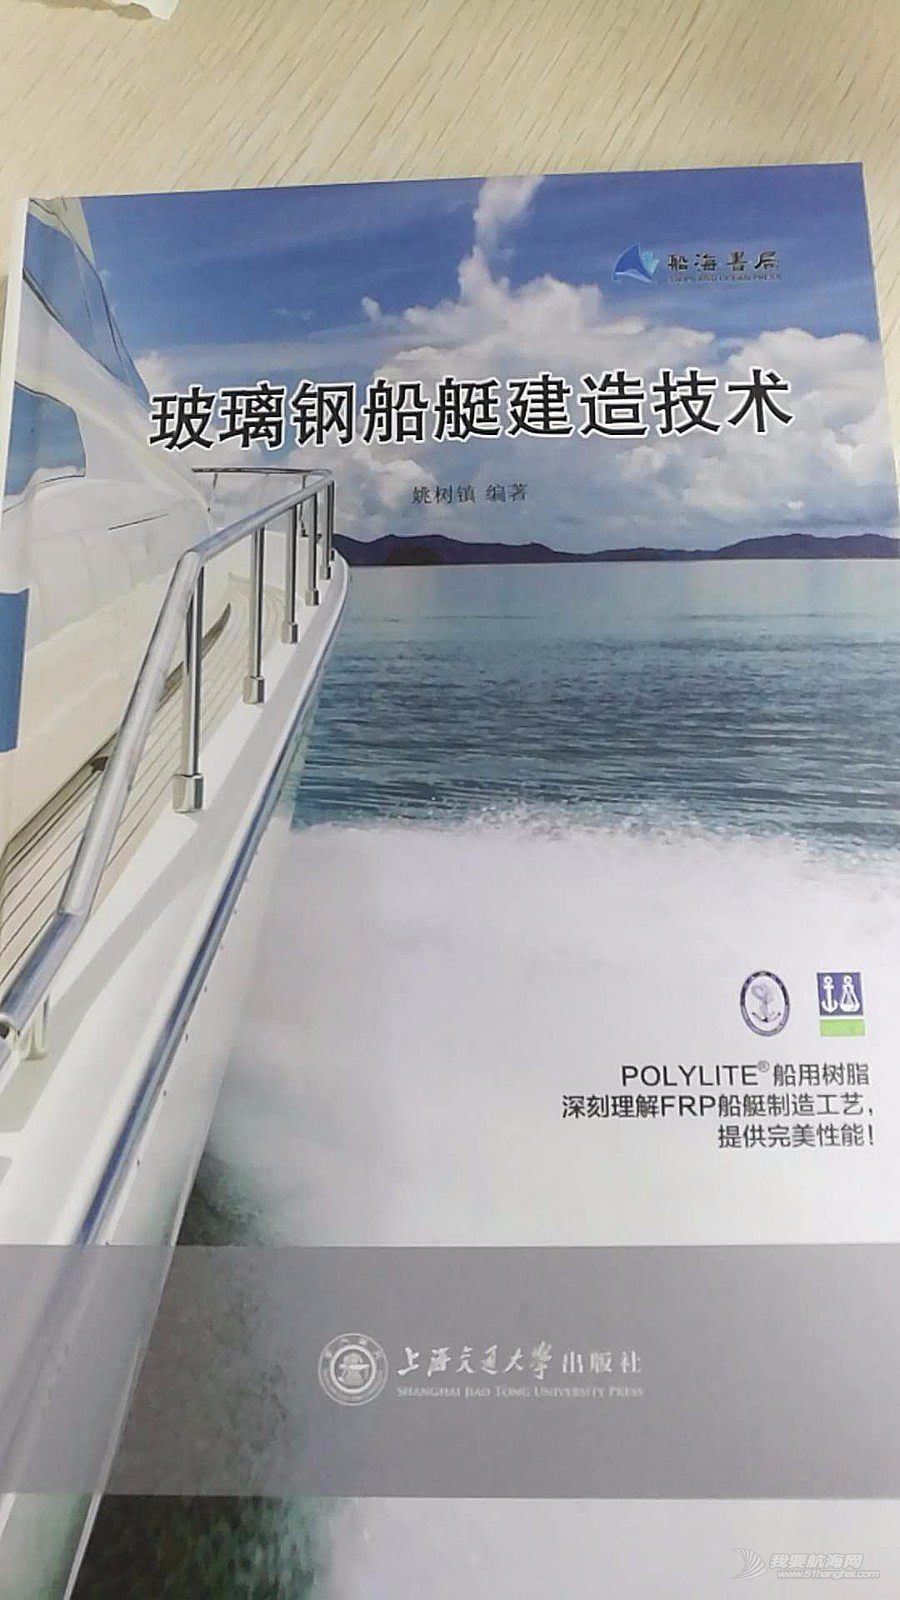 《玻璃钢船艇建造技术》造船工艺技术丛书订购